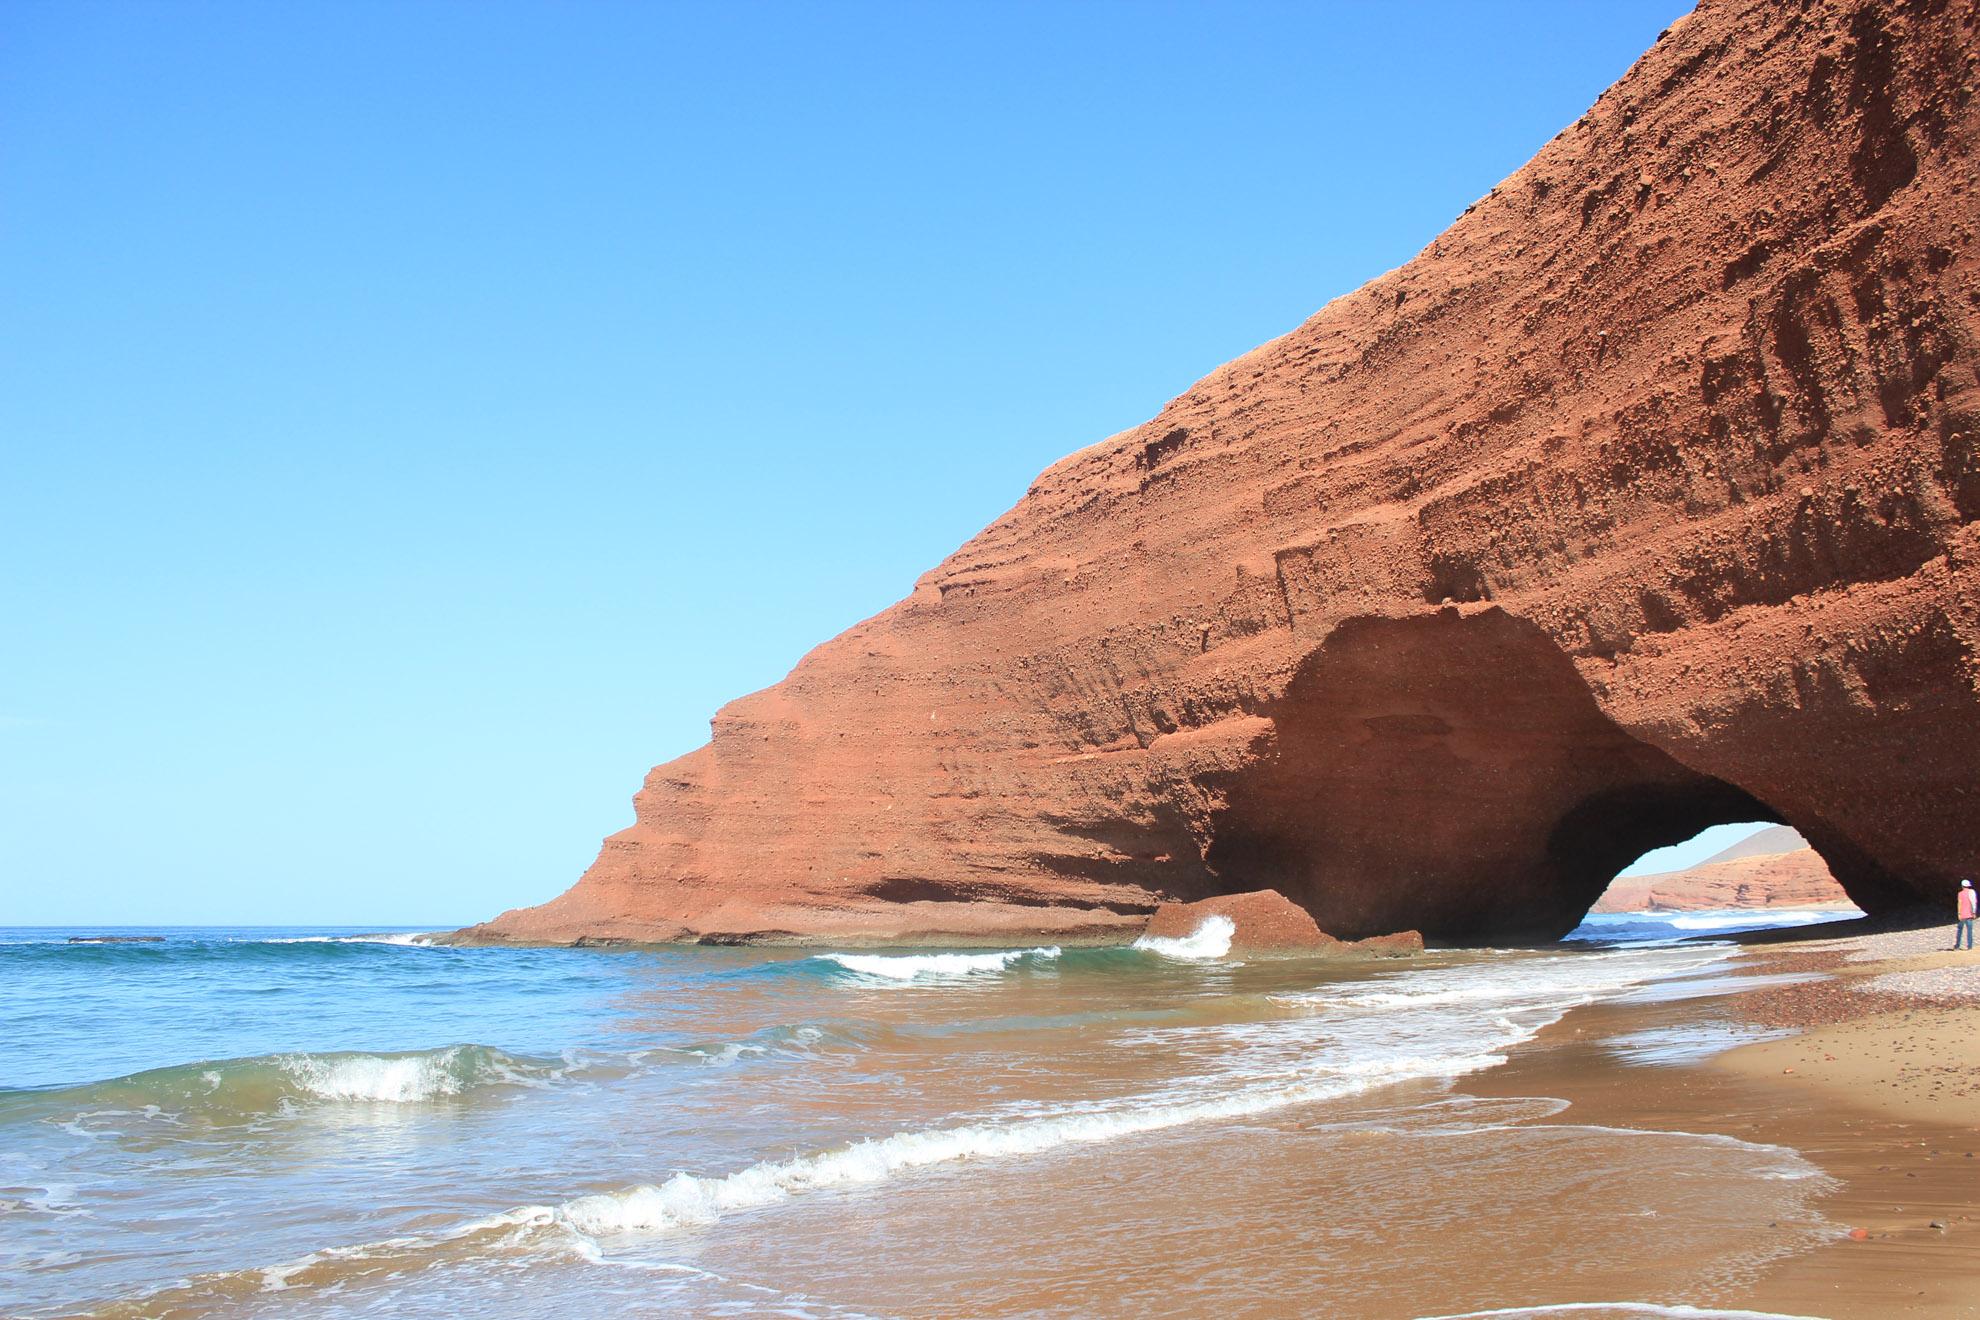 Lagzira beach